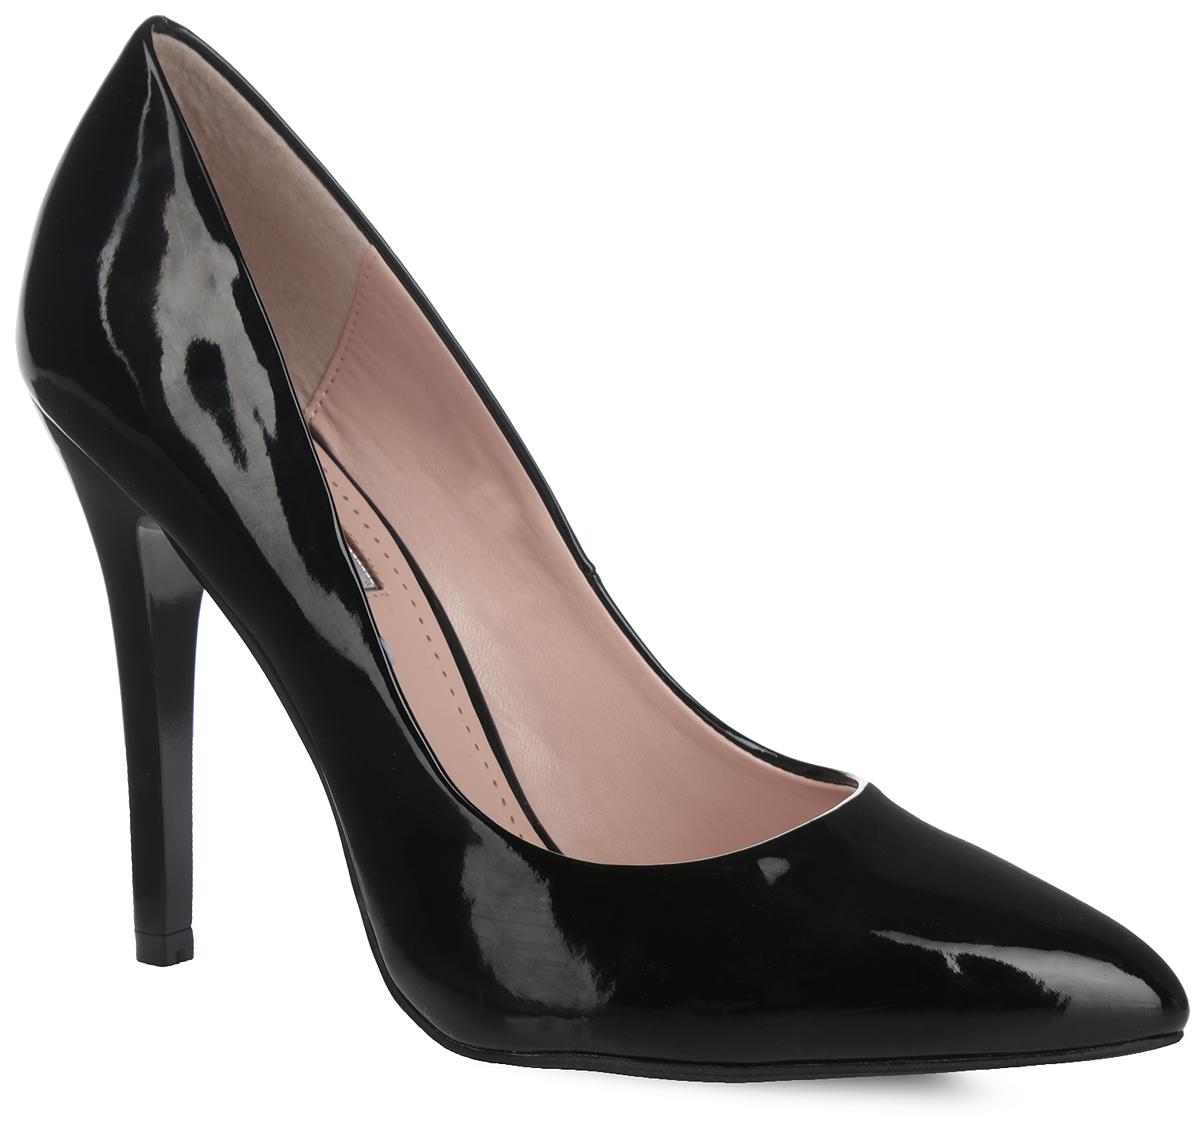 Туфли женские. 1015-041015-04-1Роскошные туфли от Inario покорят вас с первого взгляда! Модель выполнена из искусственной лакированной кожи. Заостренный носок смотрится невероятно женственно. Стелька из искусственной кожи, оформленная названием бренда, по контуру - декоративной перфорацией, комфортна при ходьбе. Высокий каблук устойчив. Рифление на подошве и на каблуке гарантирует идеальное сцепление с любой поверхностью. Элегантные туфли займут достойное место в вашем гардеробе.